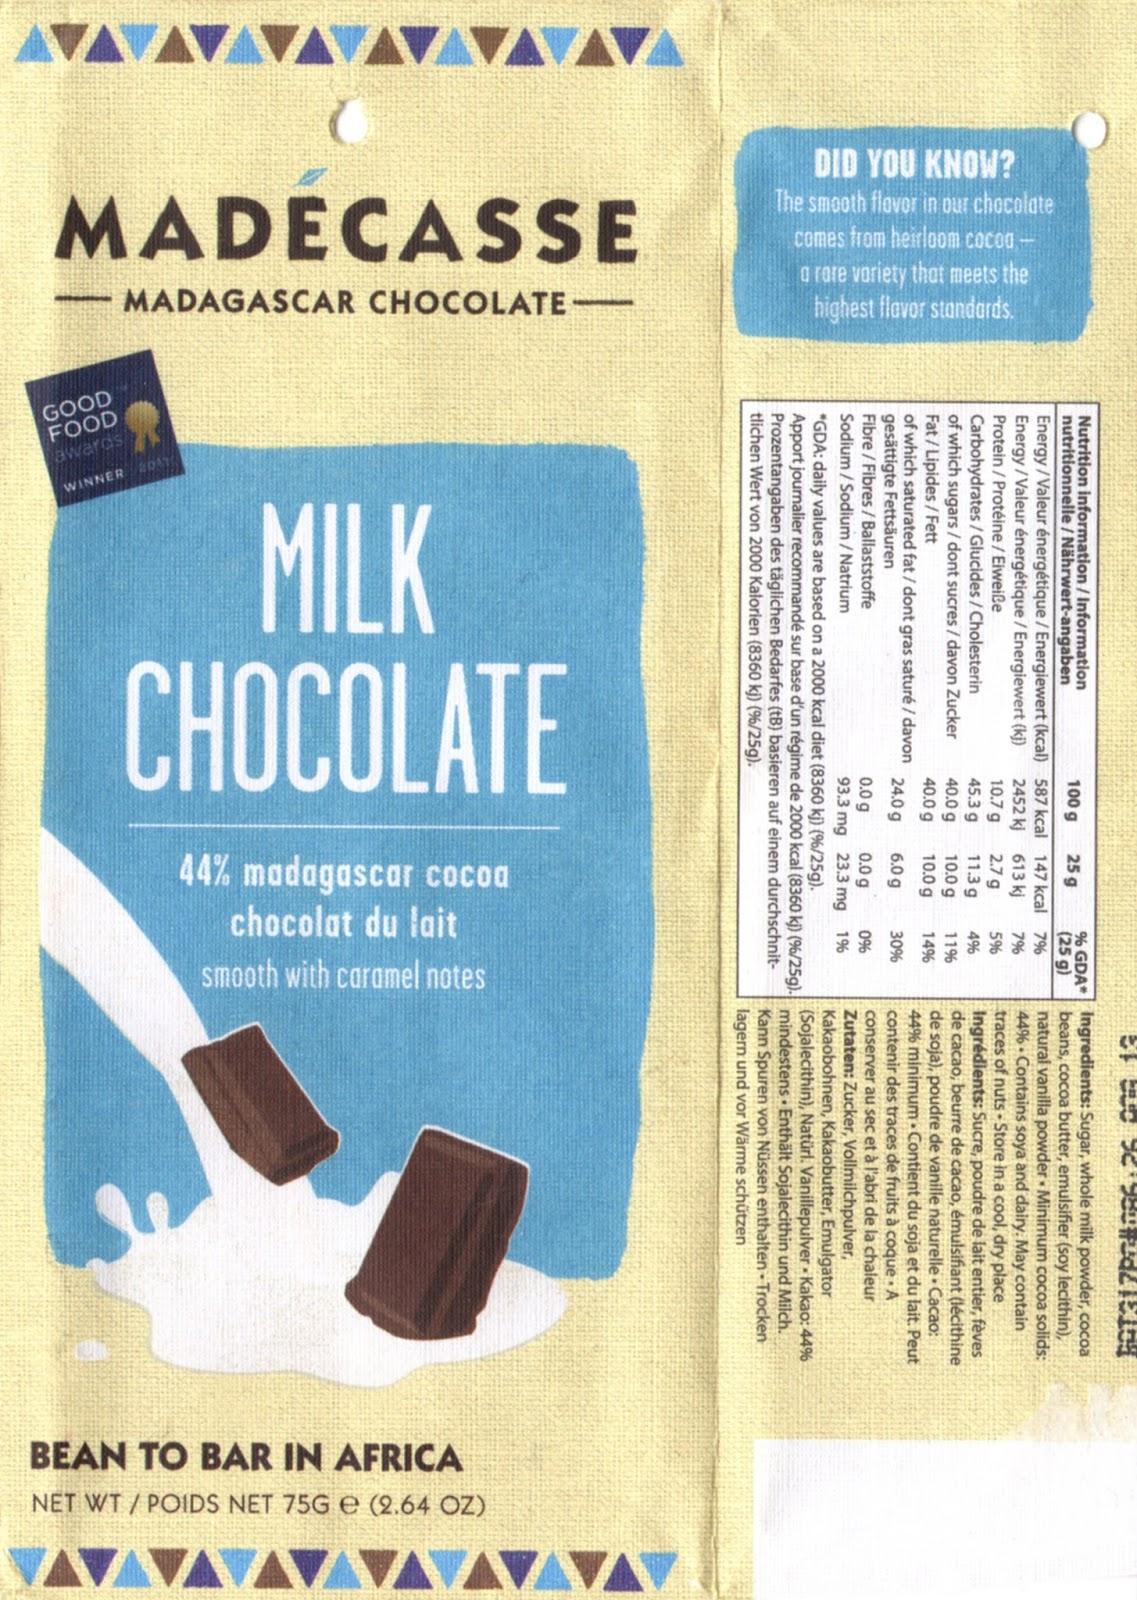 tablette de chocolat lait dégustation madécasse milk chocolate 44